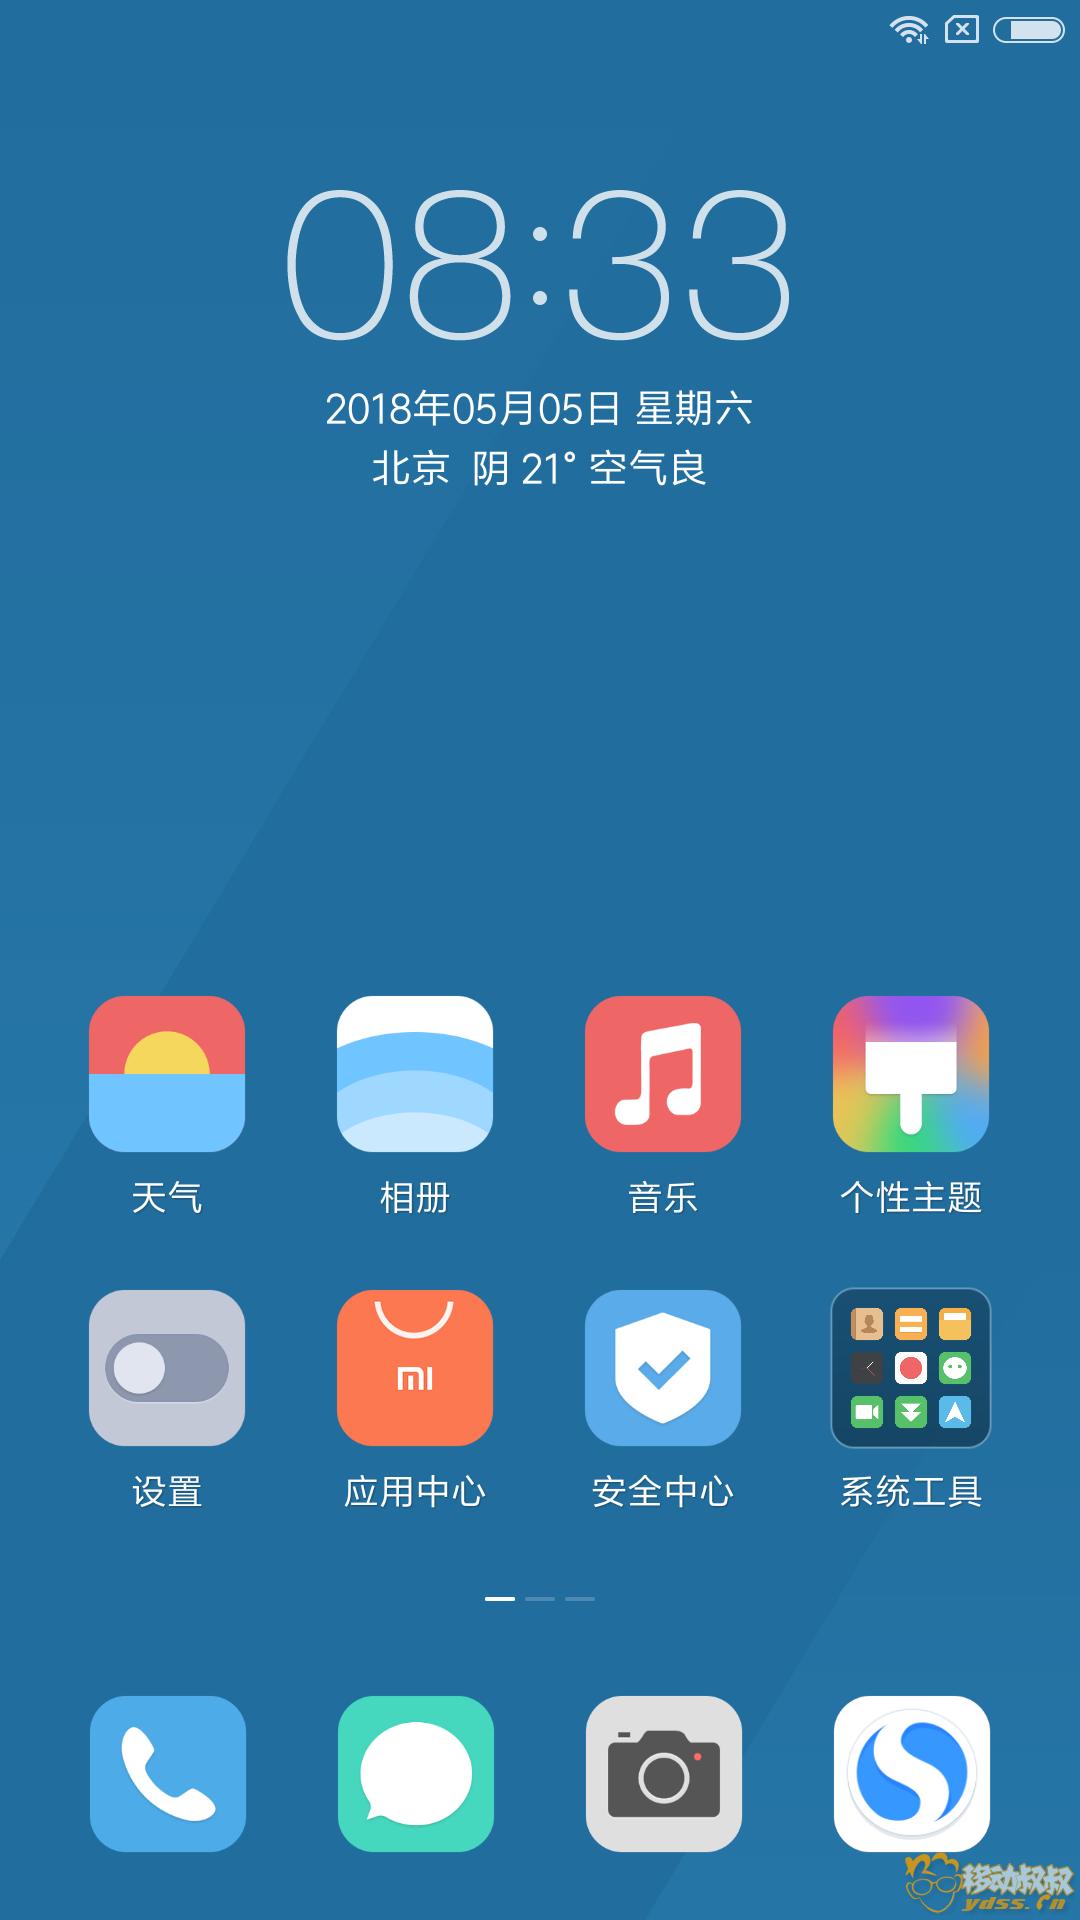 Screenshot_2018-05-05-20-33-37-761_com.miui.home.png